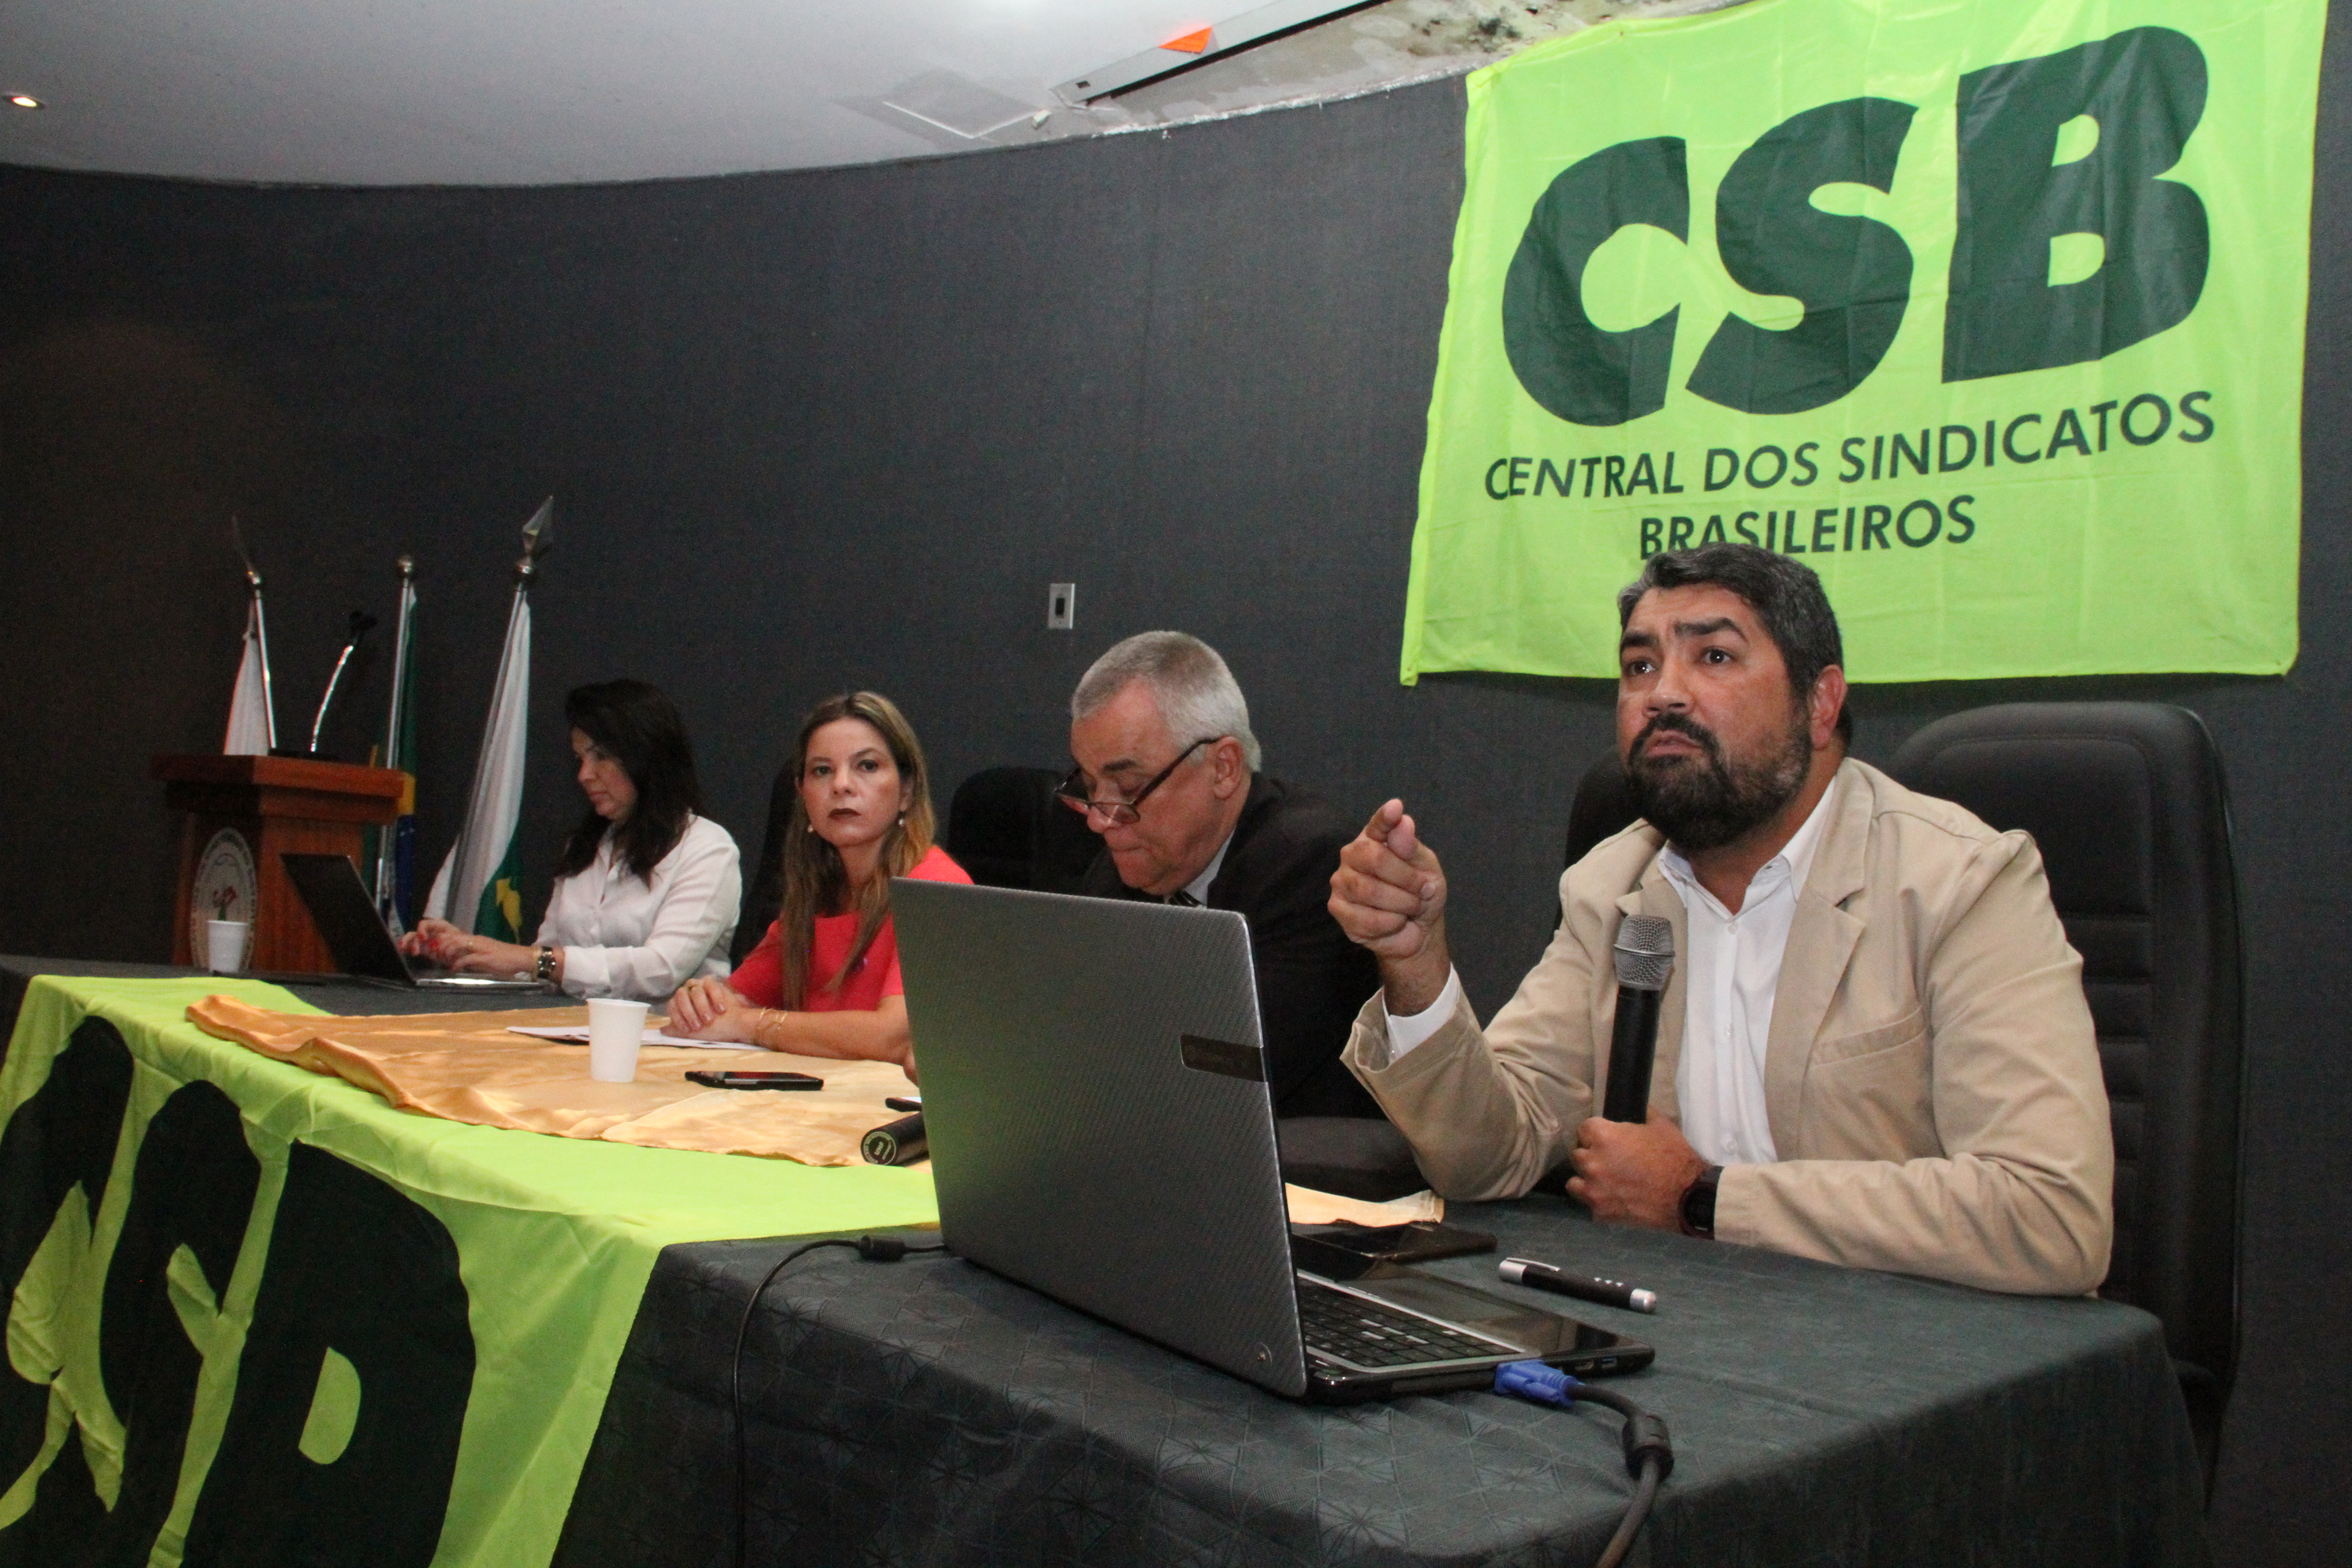 Em Brasília, especialistas jurídicos e dirigentes debatem convenção da OIT e negociação coletiva